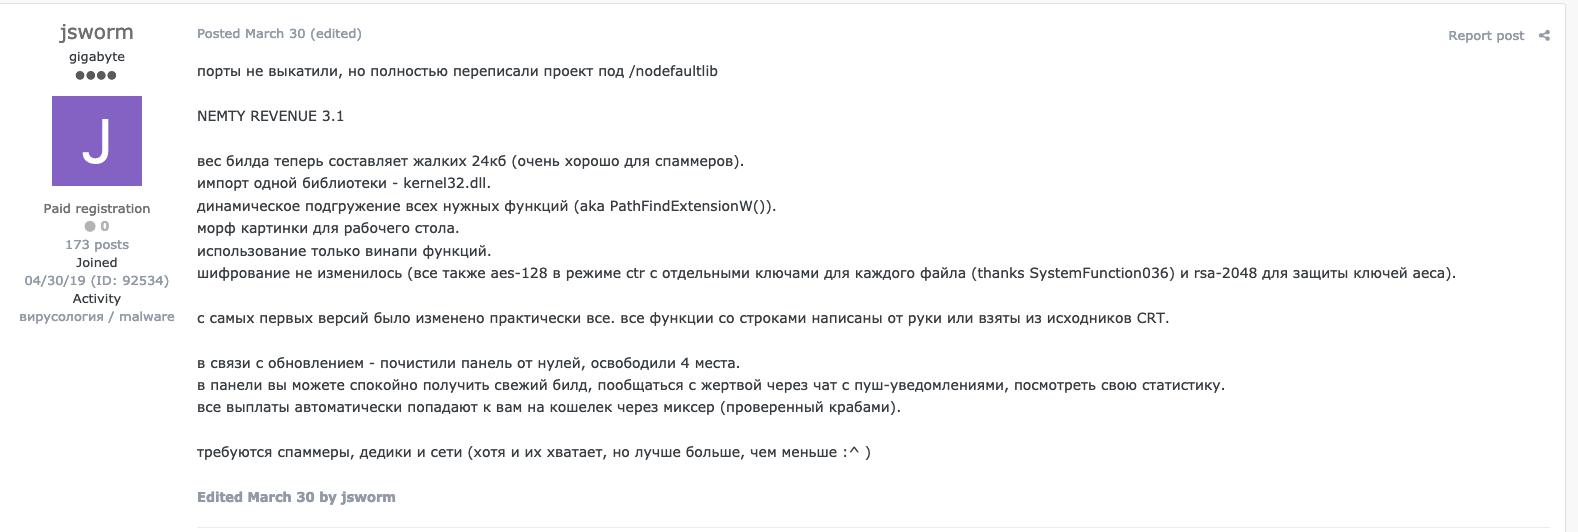 Announcement of Nemty Revenue 3.1